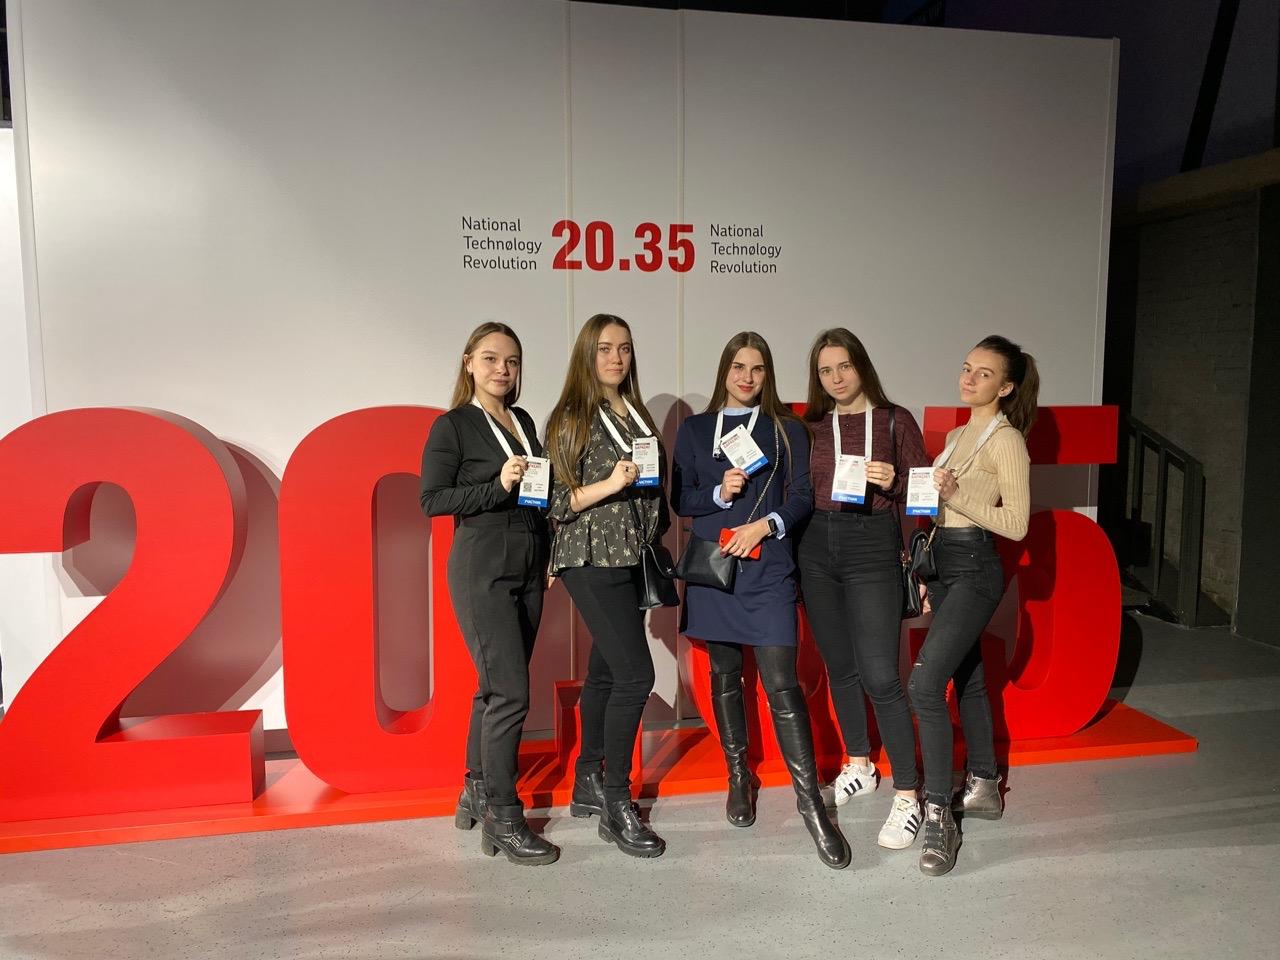 Студенты МВШУ приняли участие в конференции «Национальная технологическая революция 20.35»